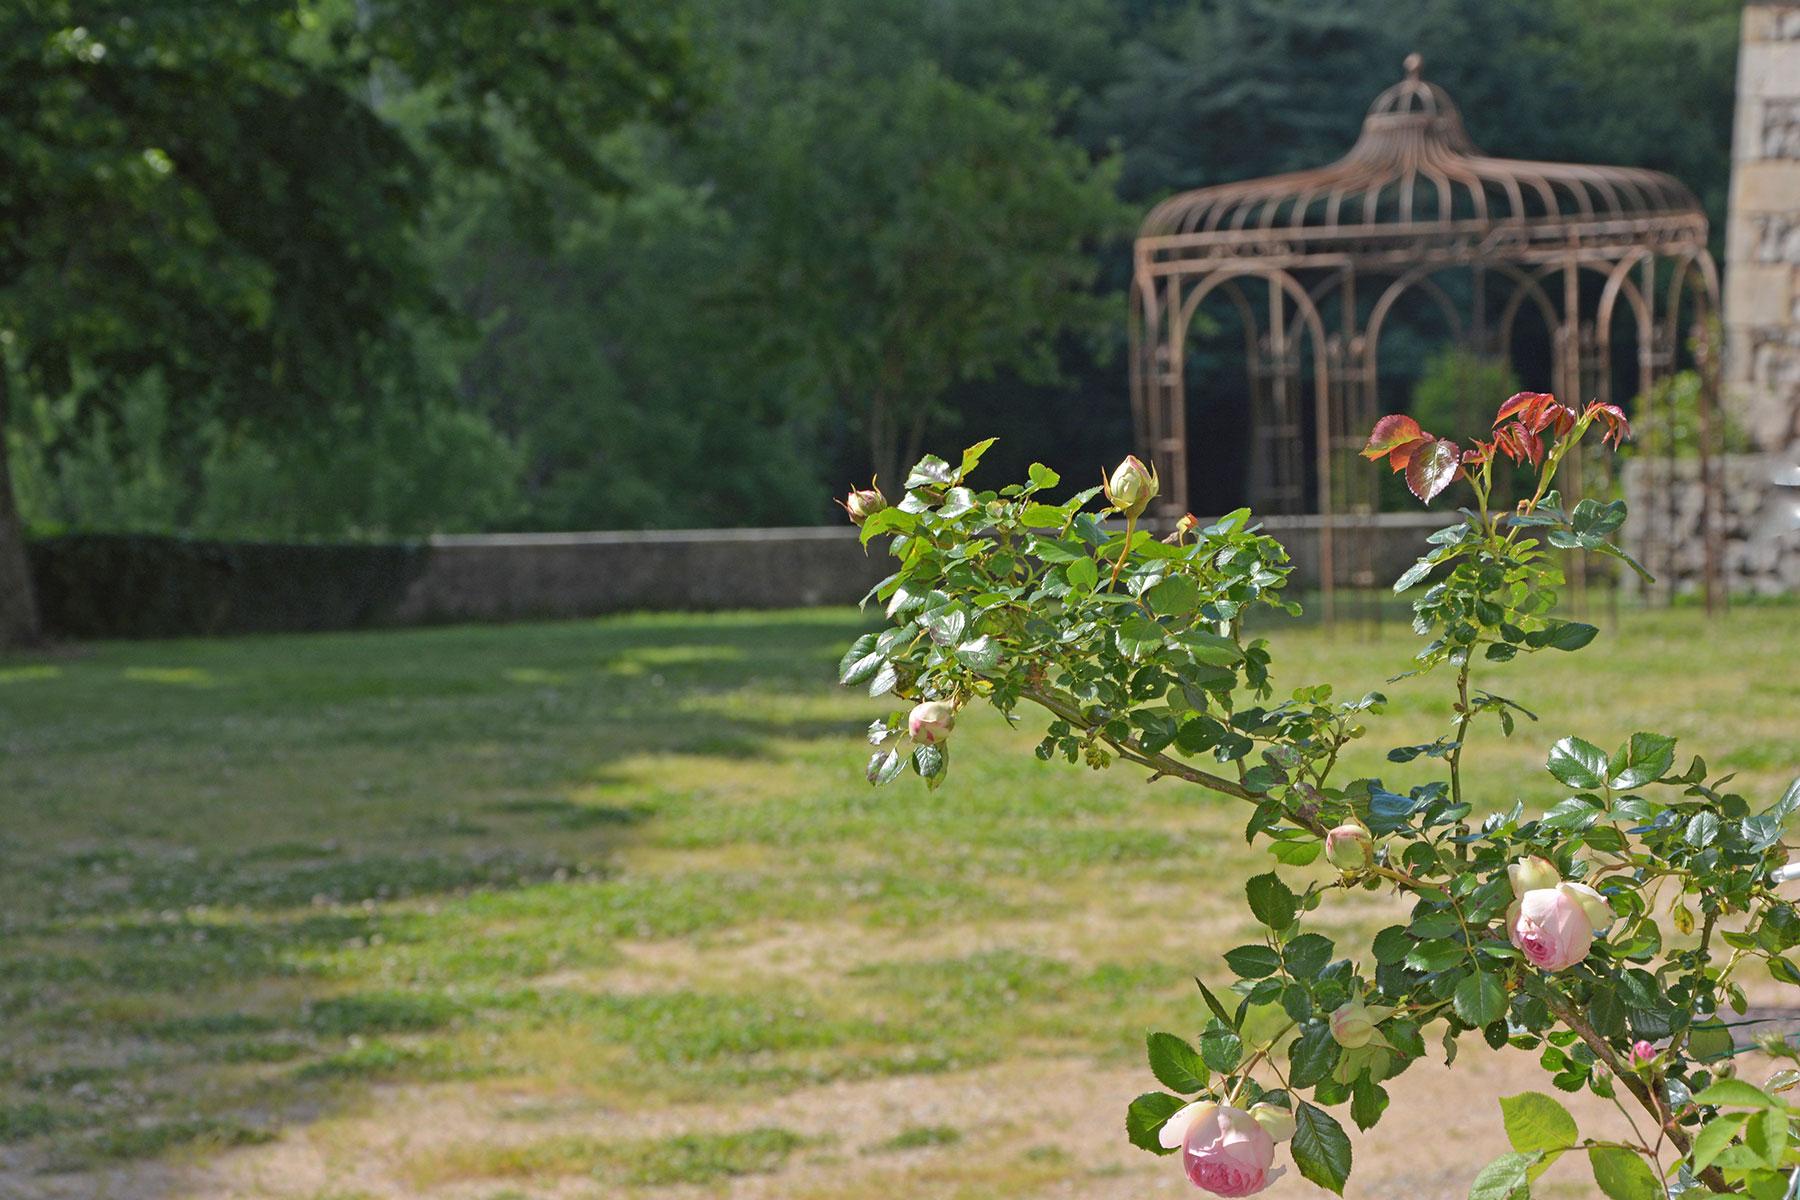 Séjour détente et nature en Ardèche au chateau